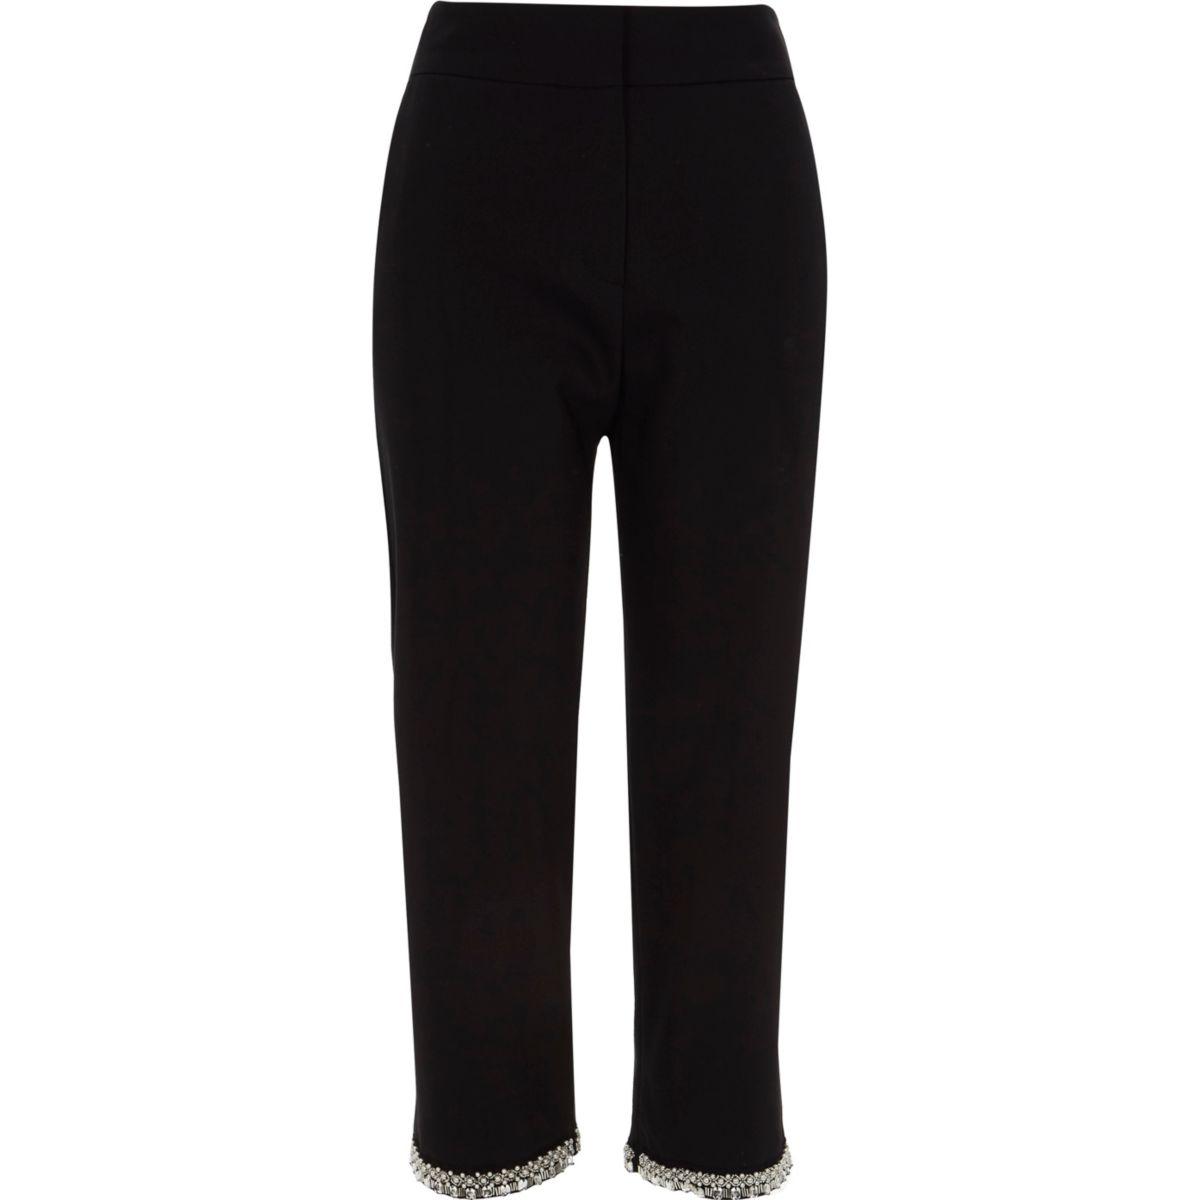 Zwarte smaltoelopende broek met verfraaide zoom